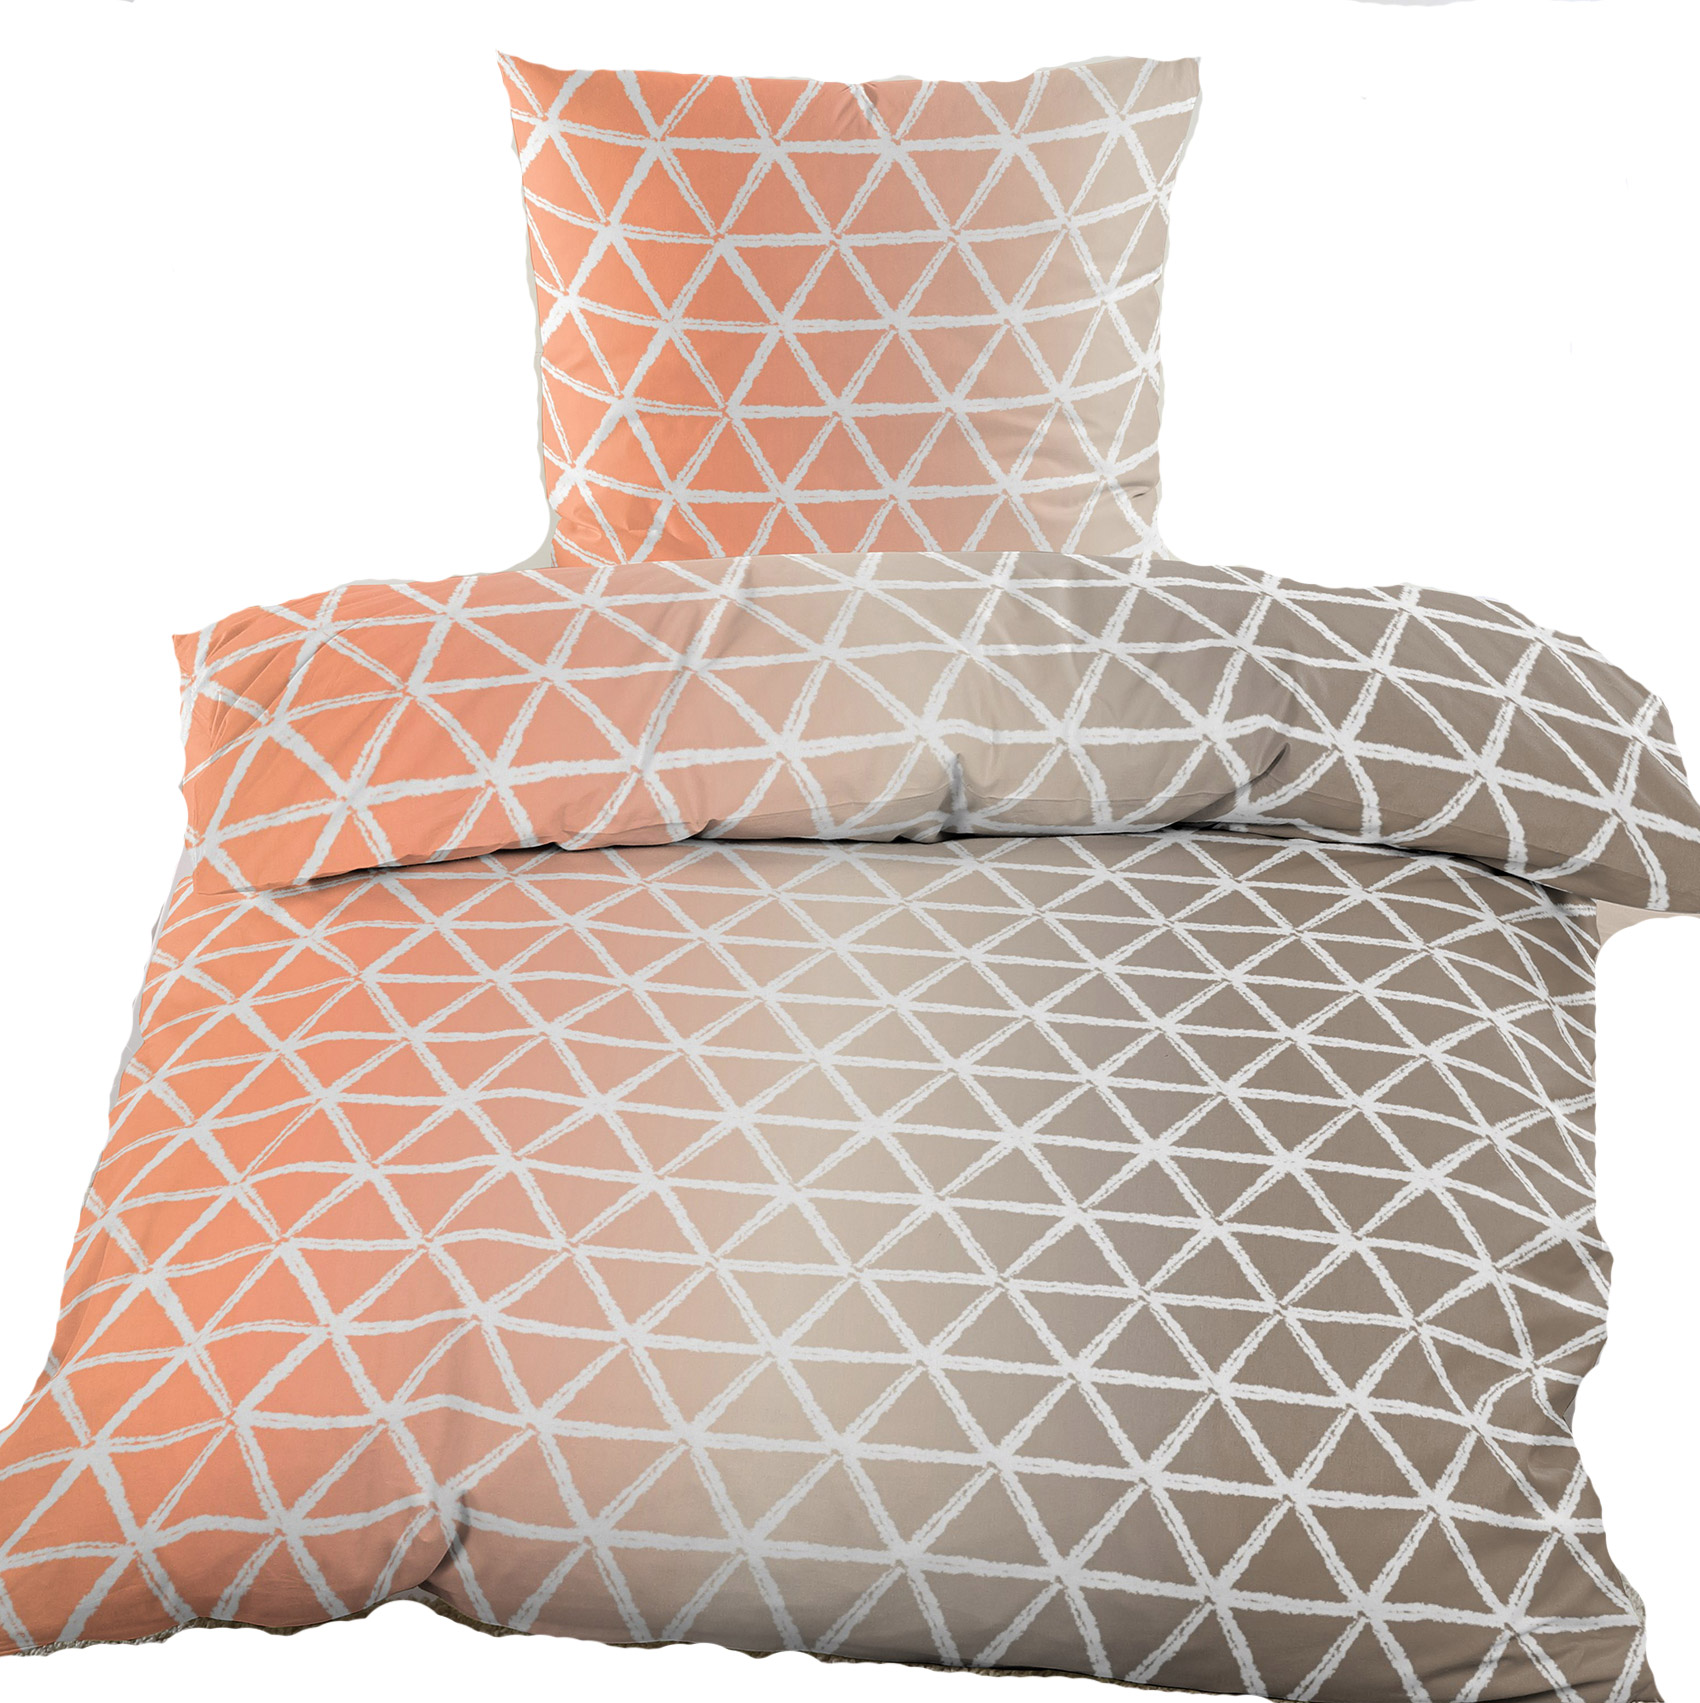 biber winter bettw sche 135 x 200 80x80 cm 100 baumwolle dreiecke kh haushaltshandel. Black Bedroom Furniture Sets. Home Design Ideas